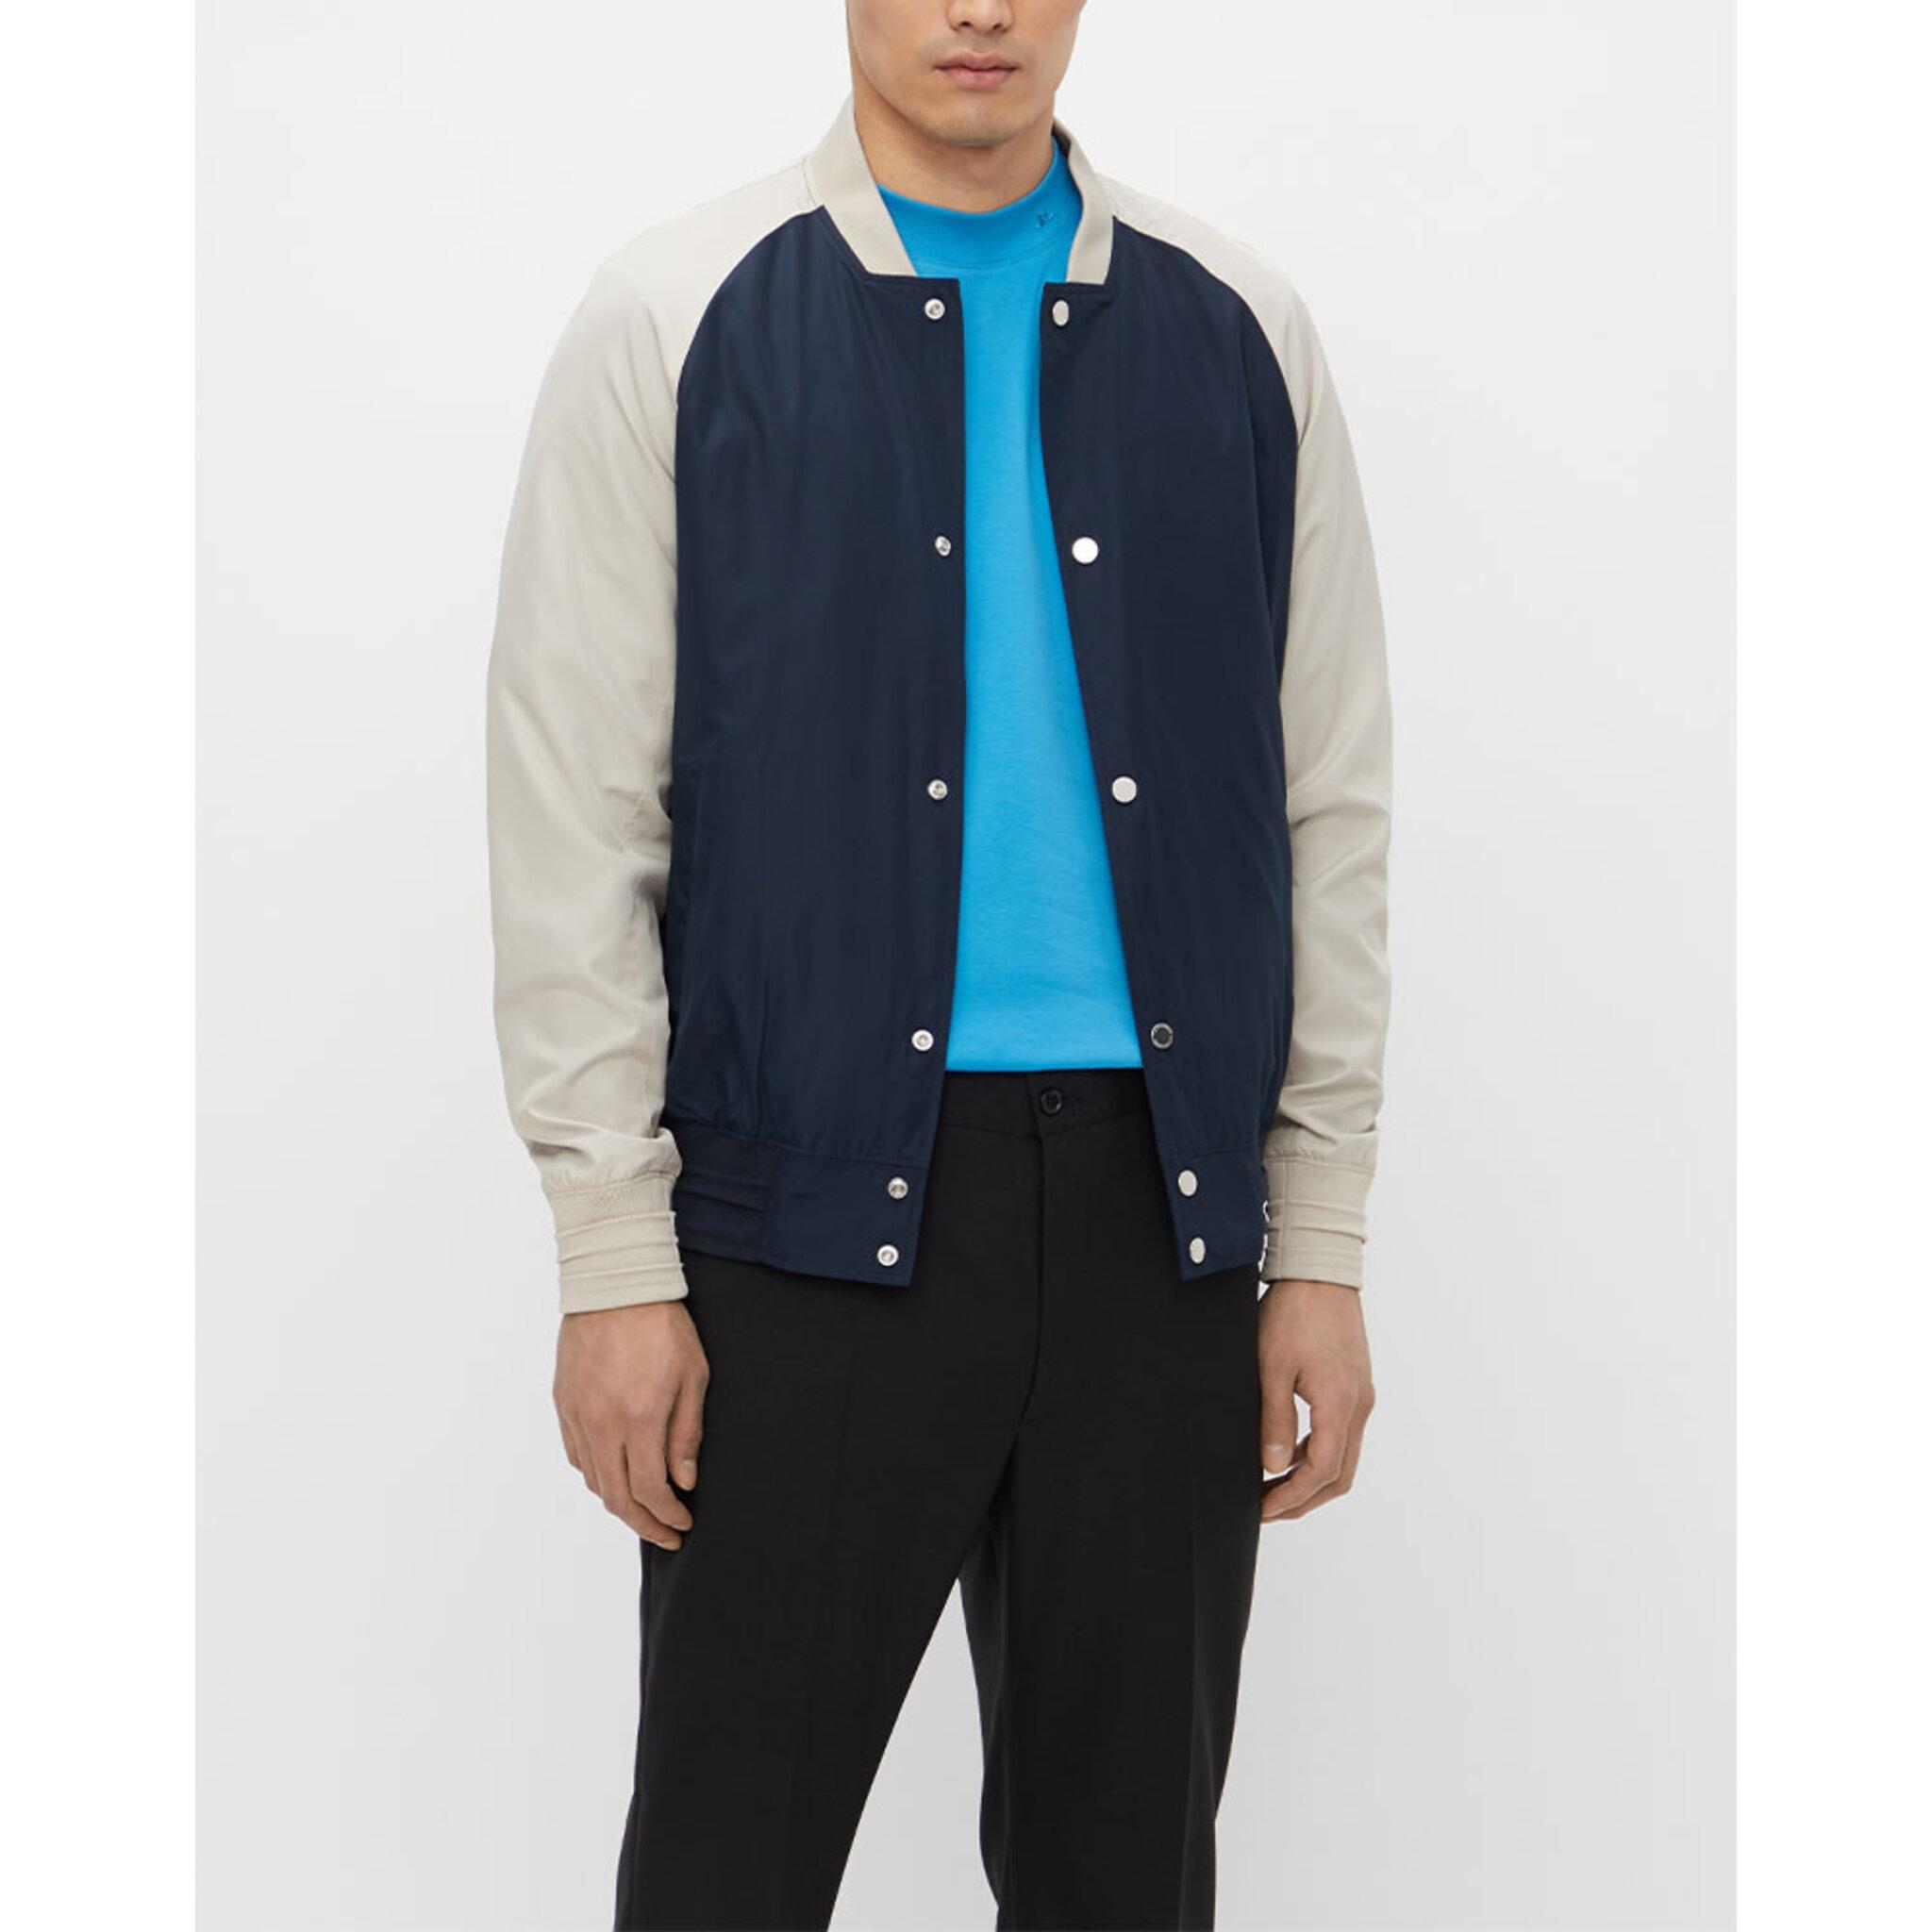 Thomy Gravity Poly jacket